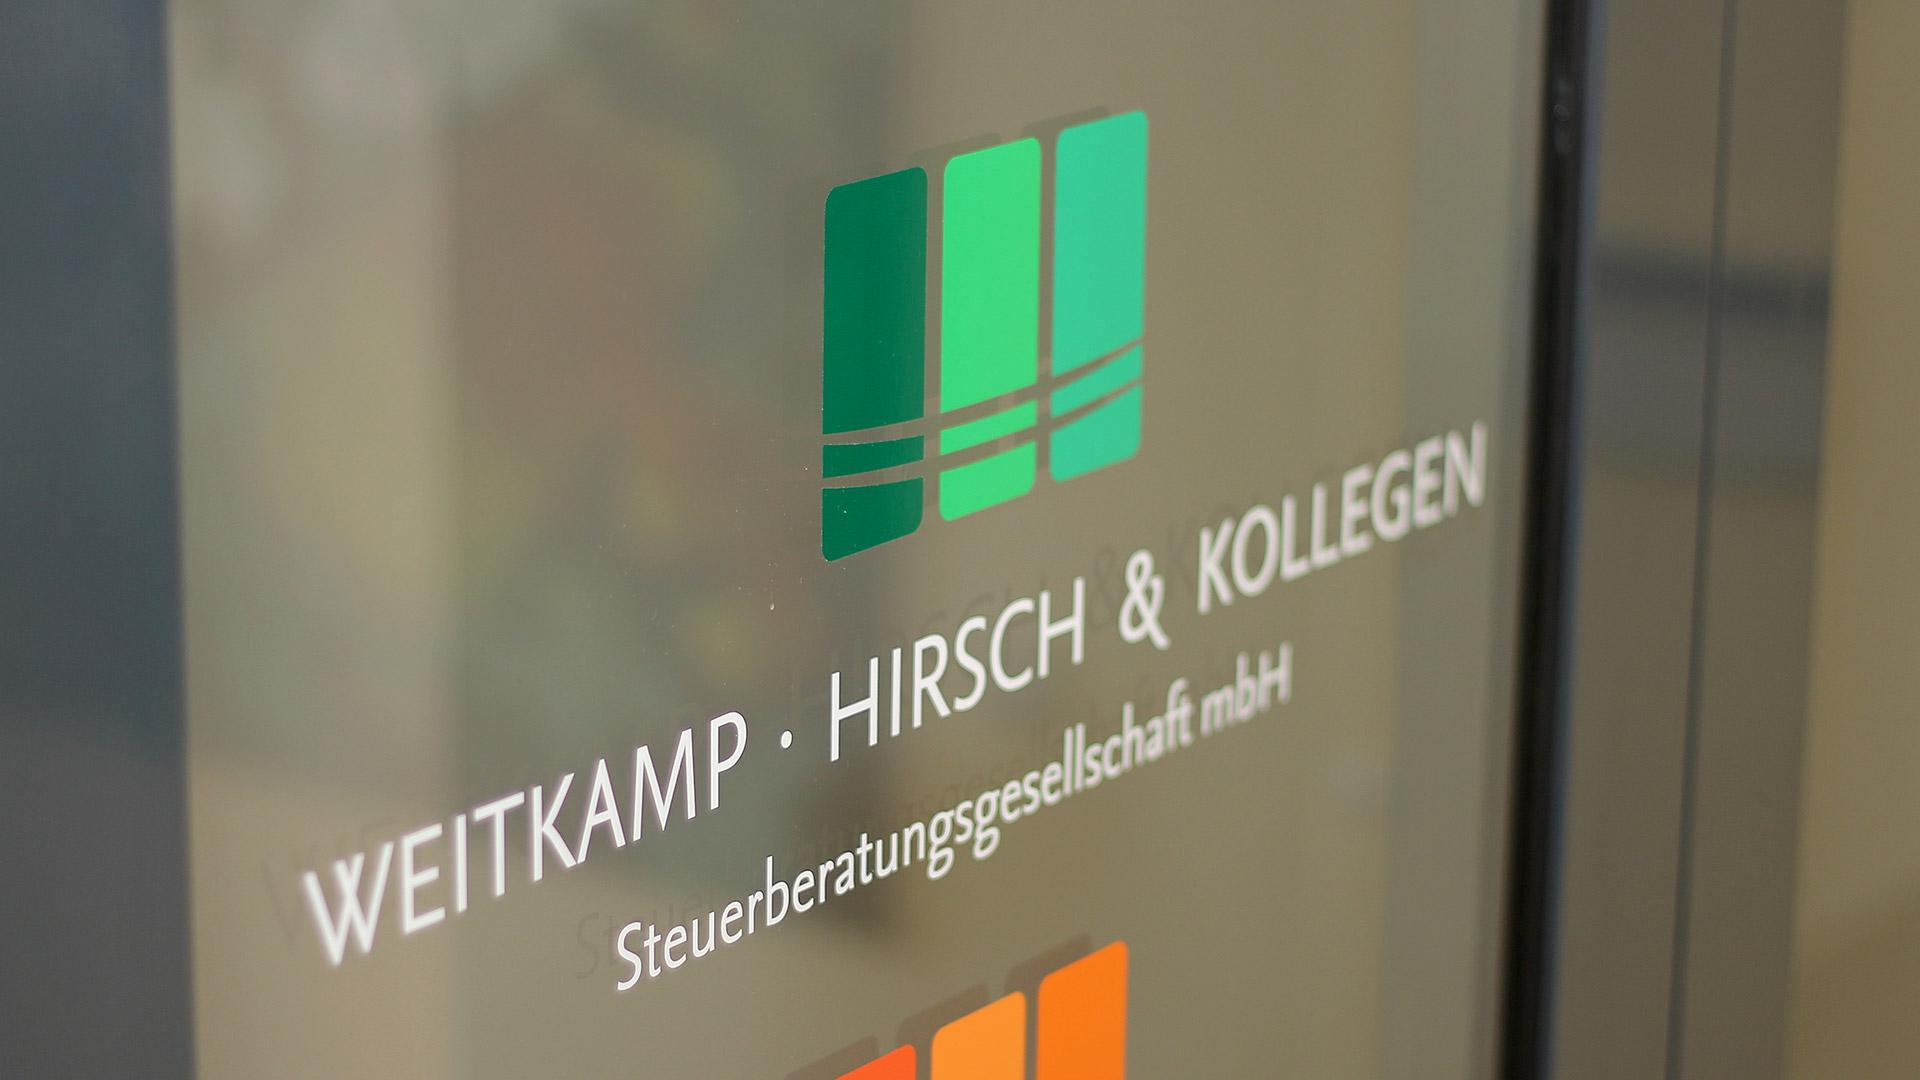 Eingang Logo Weitkamp Hirsch Kollegen Steuerberatungsgesellschaft mbh